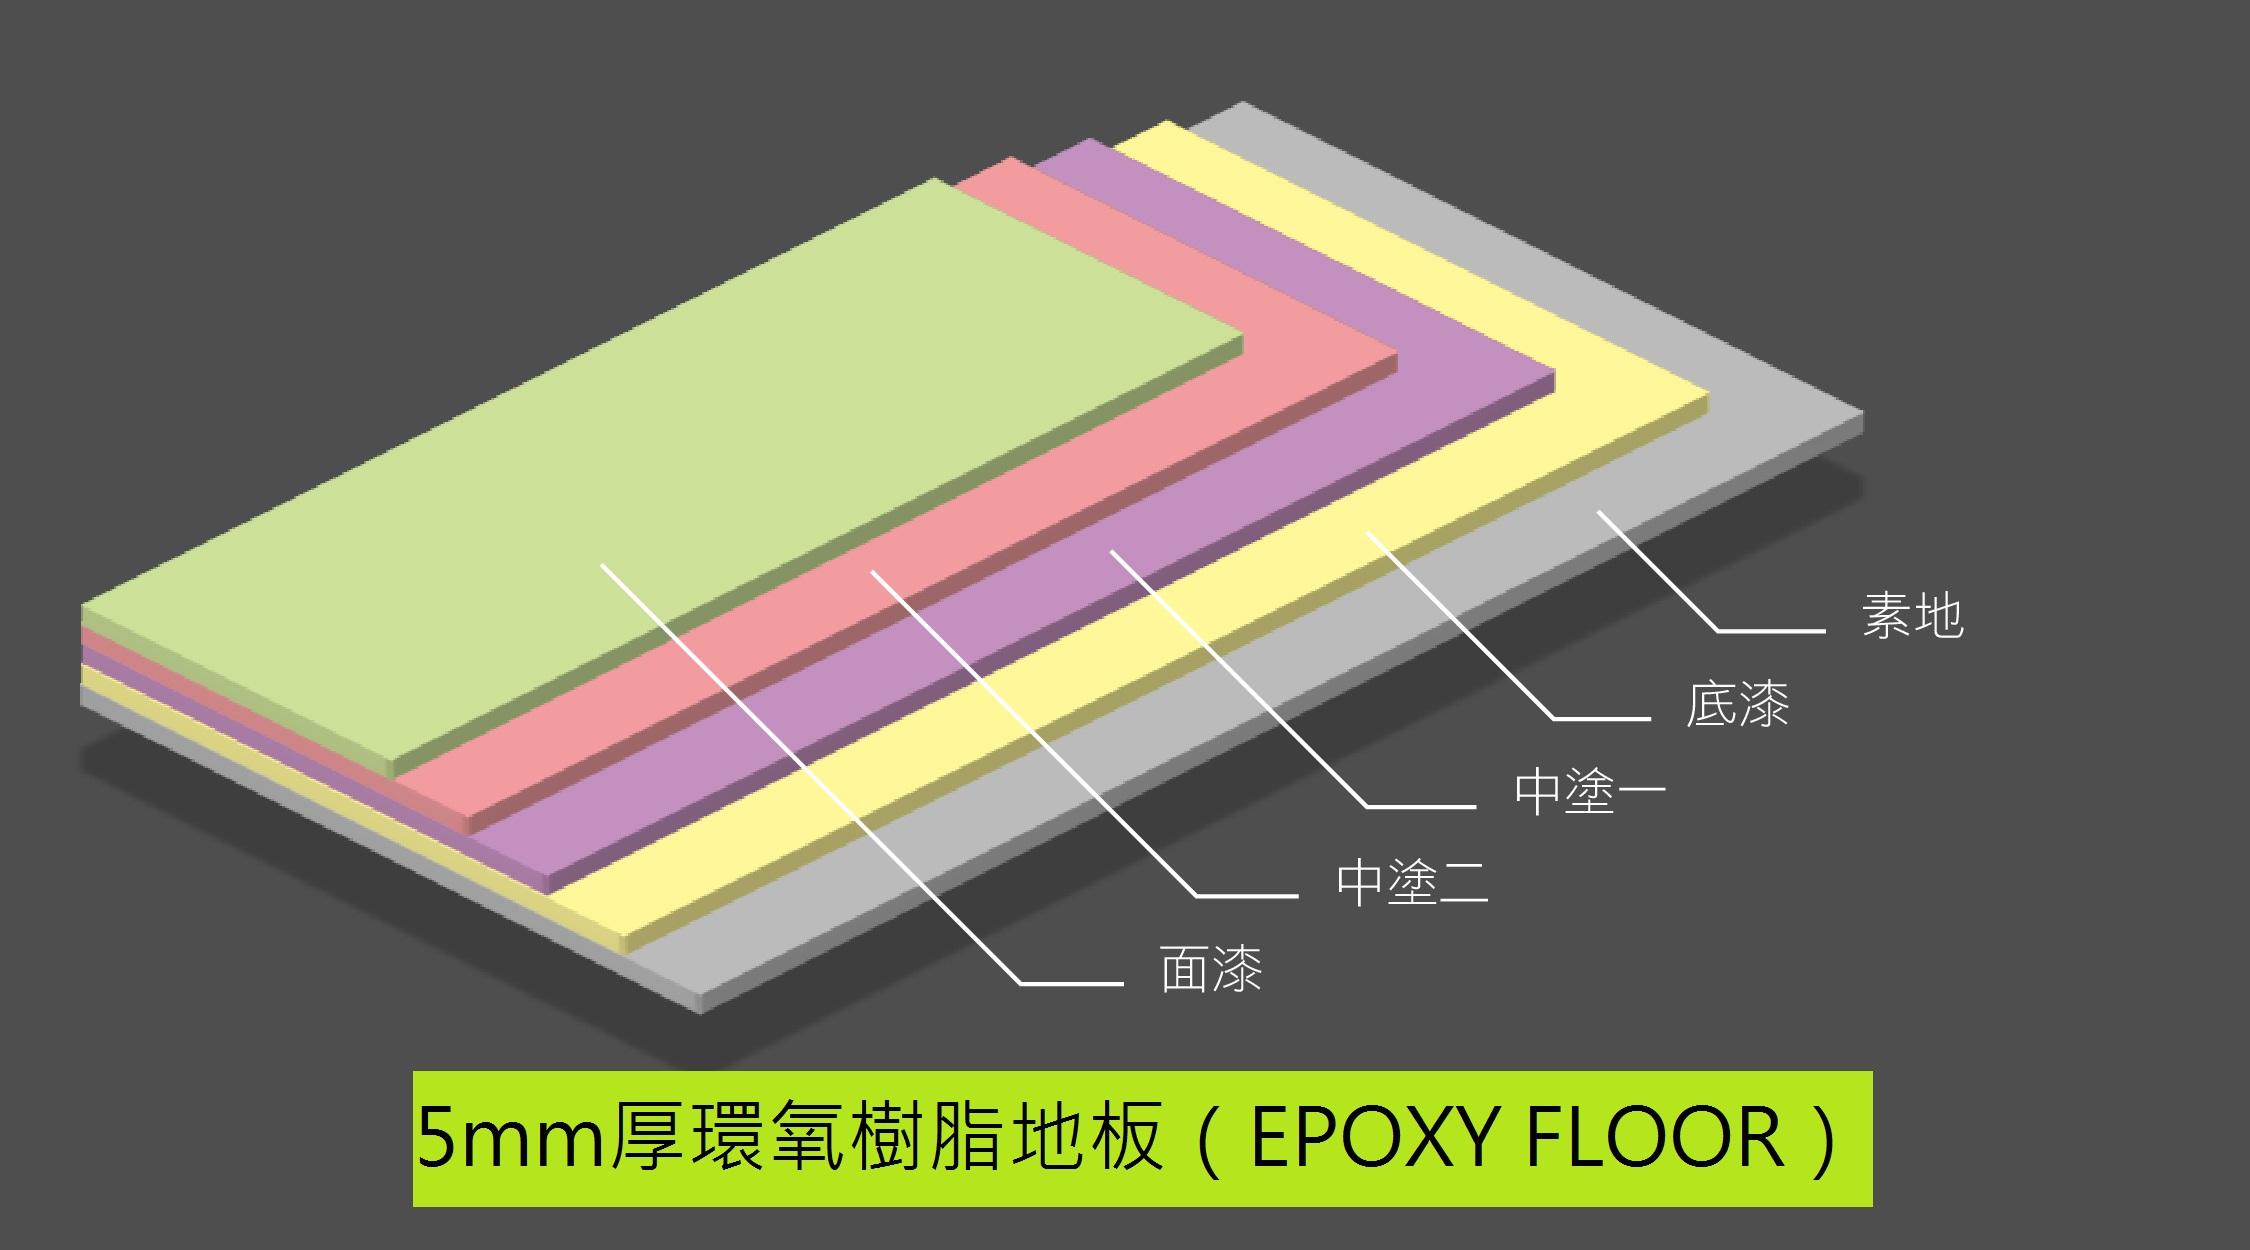 5mm厚環氧樹脂地板